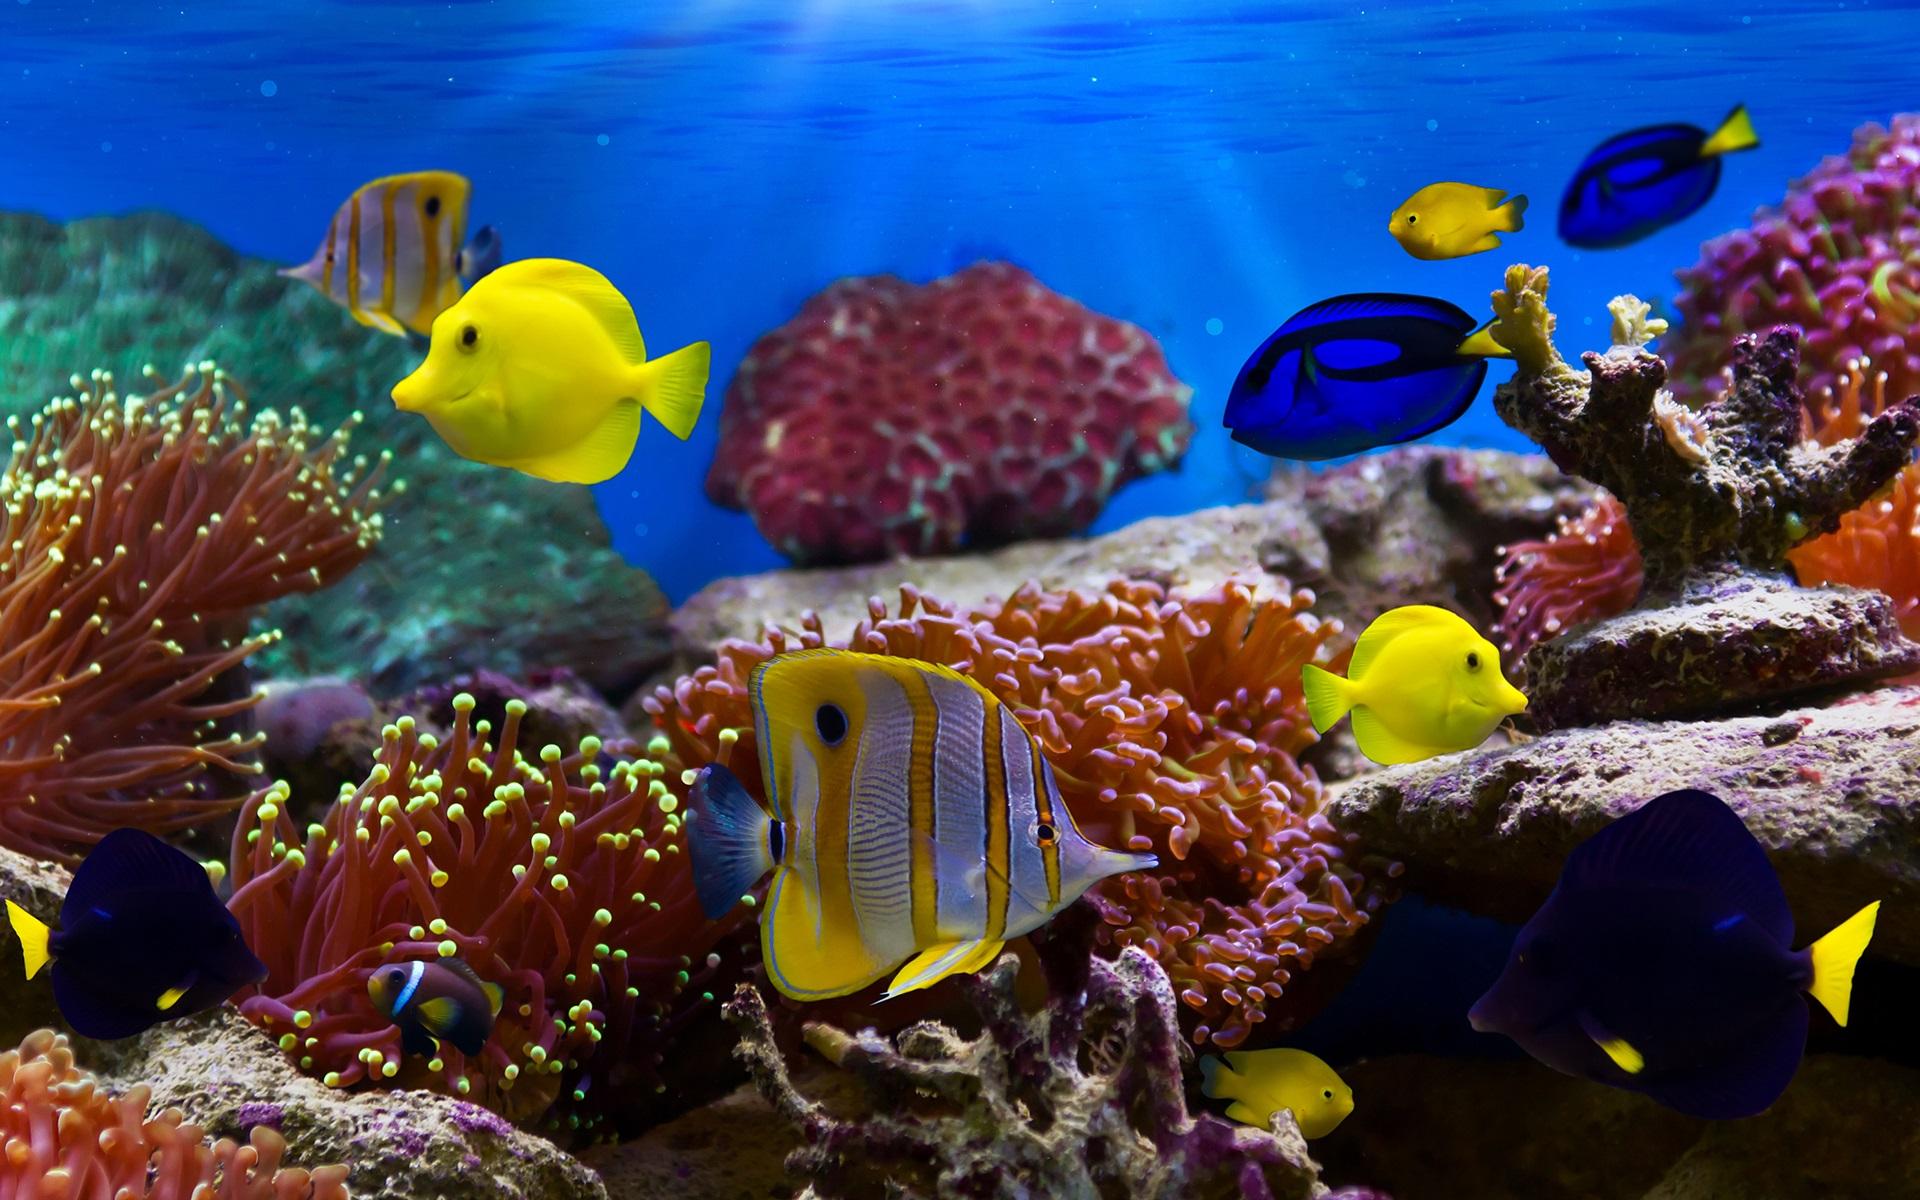 Khung cảnh tuyệt đẹp của 1 rặng san hô